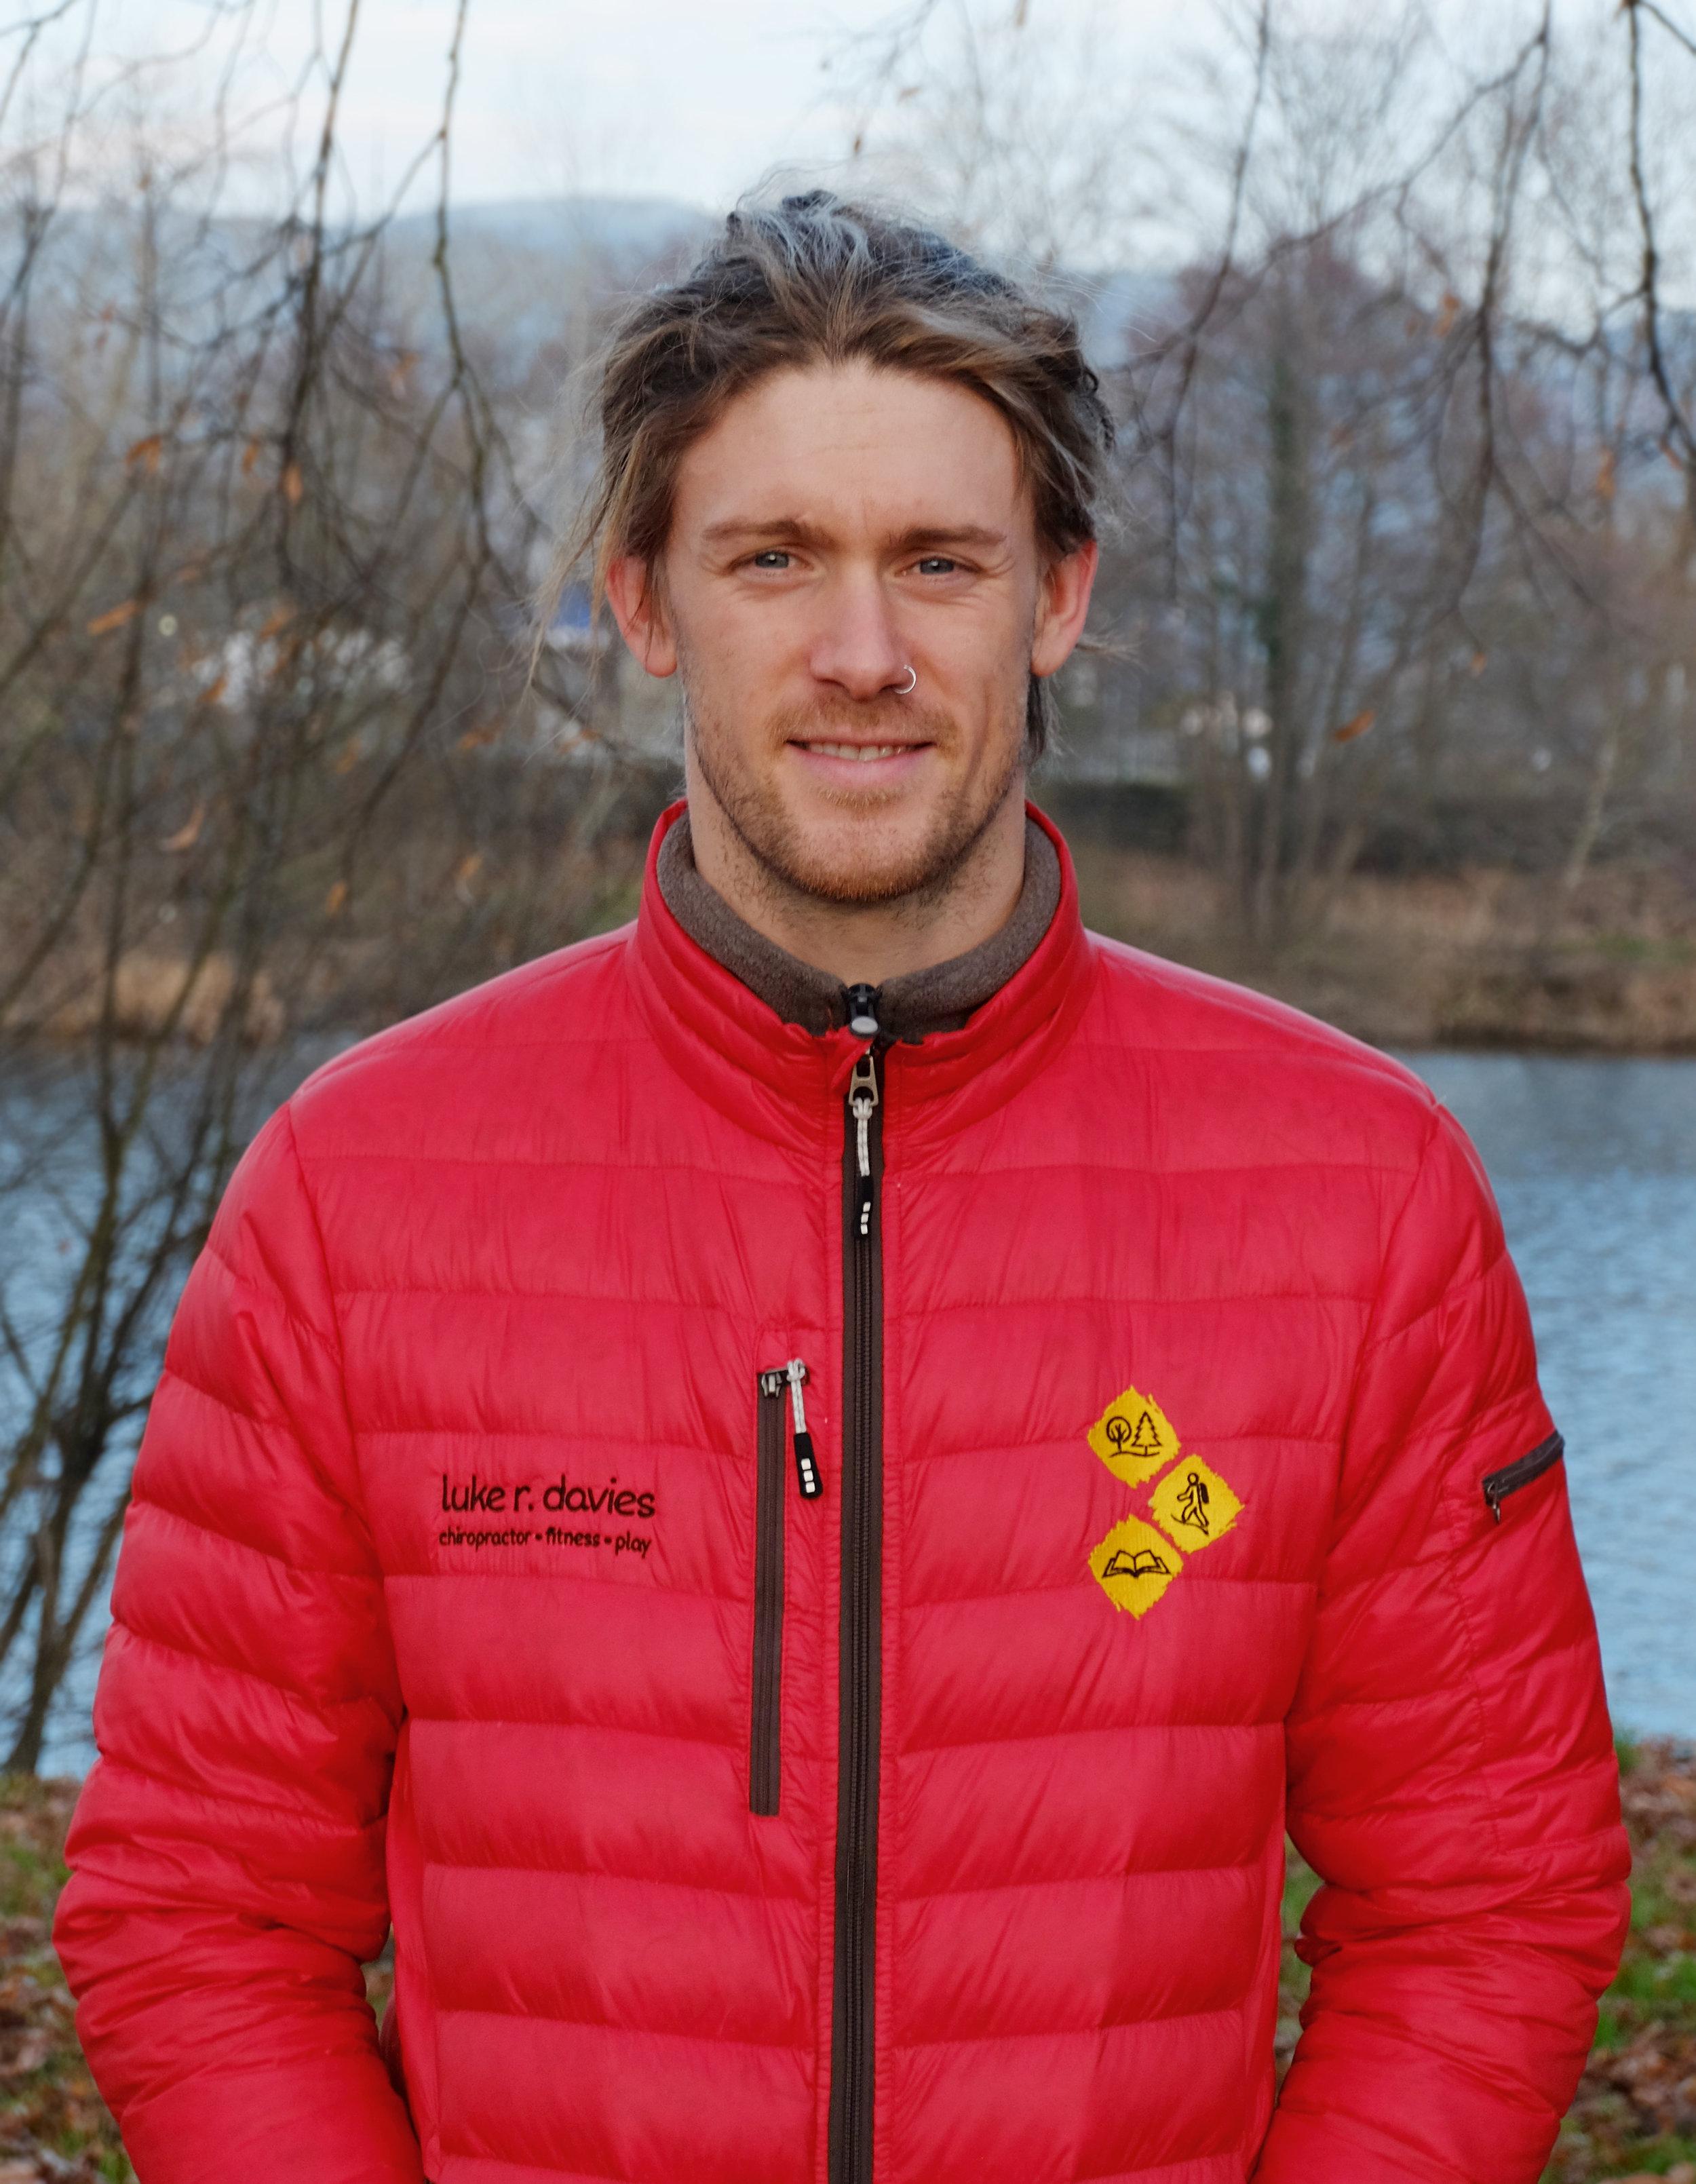 Luke R. Davies